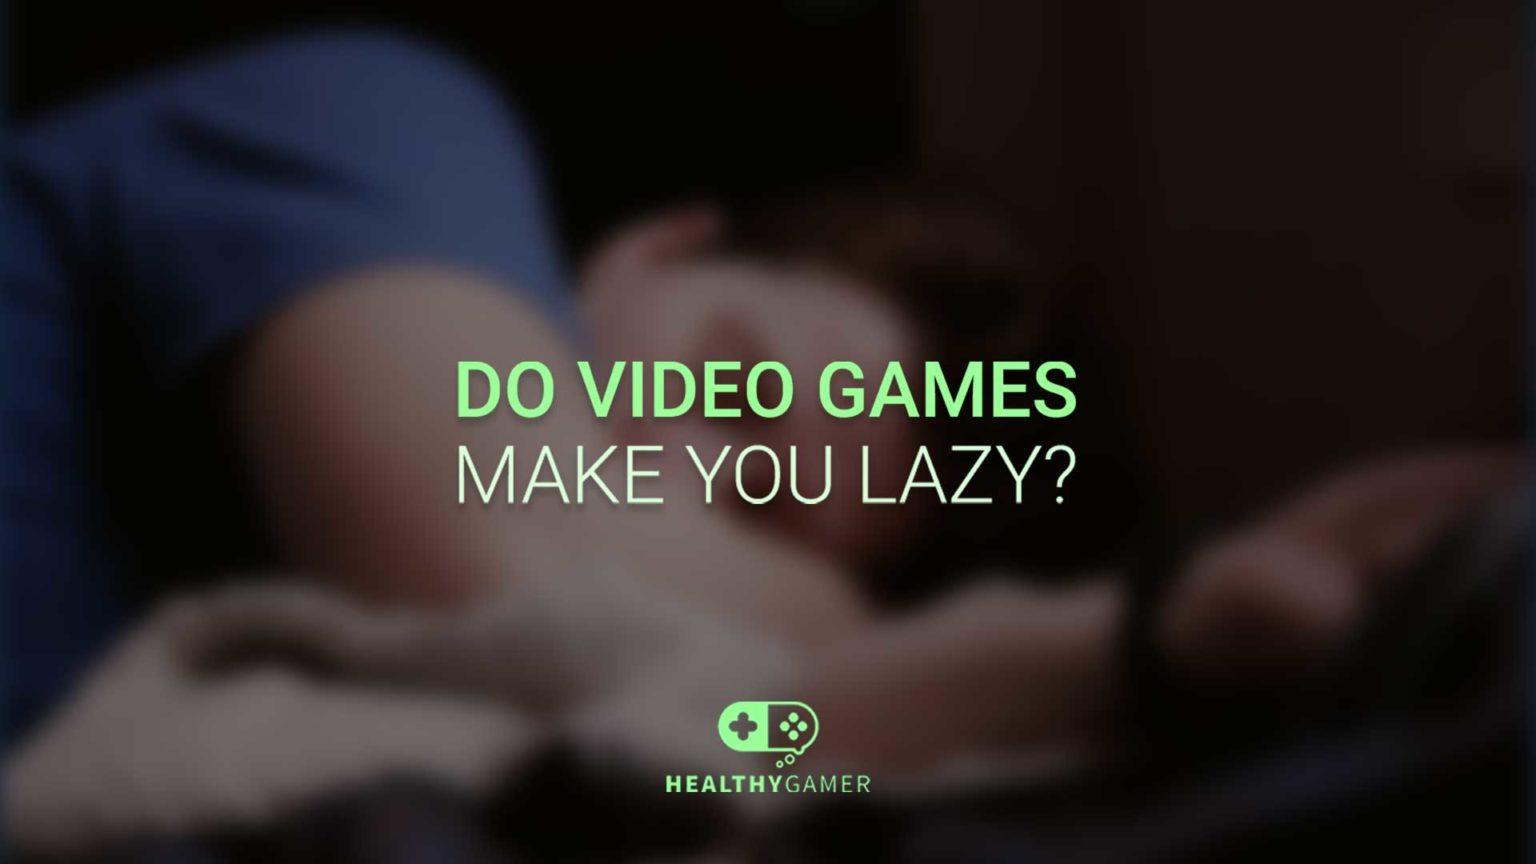 Do Video Games Make You Lazy?